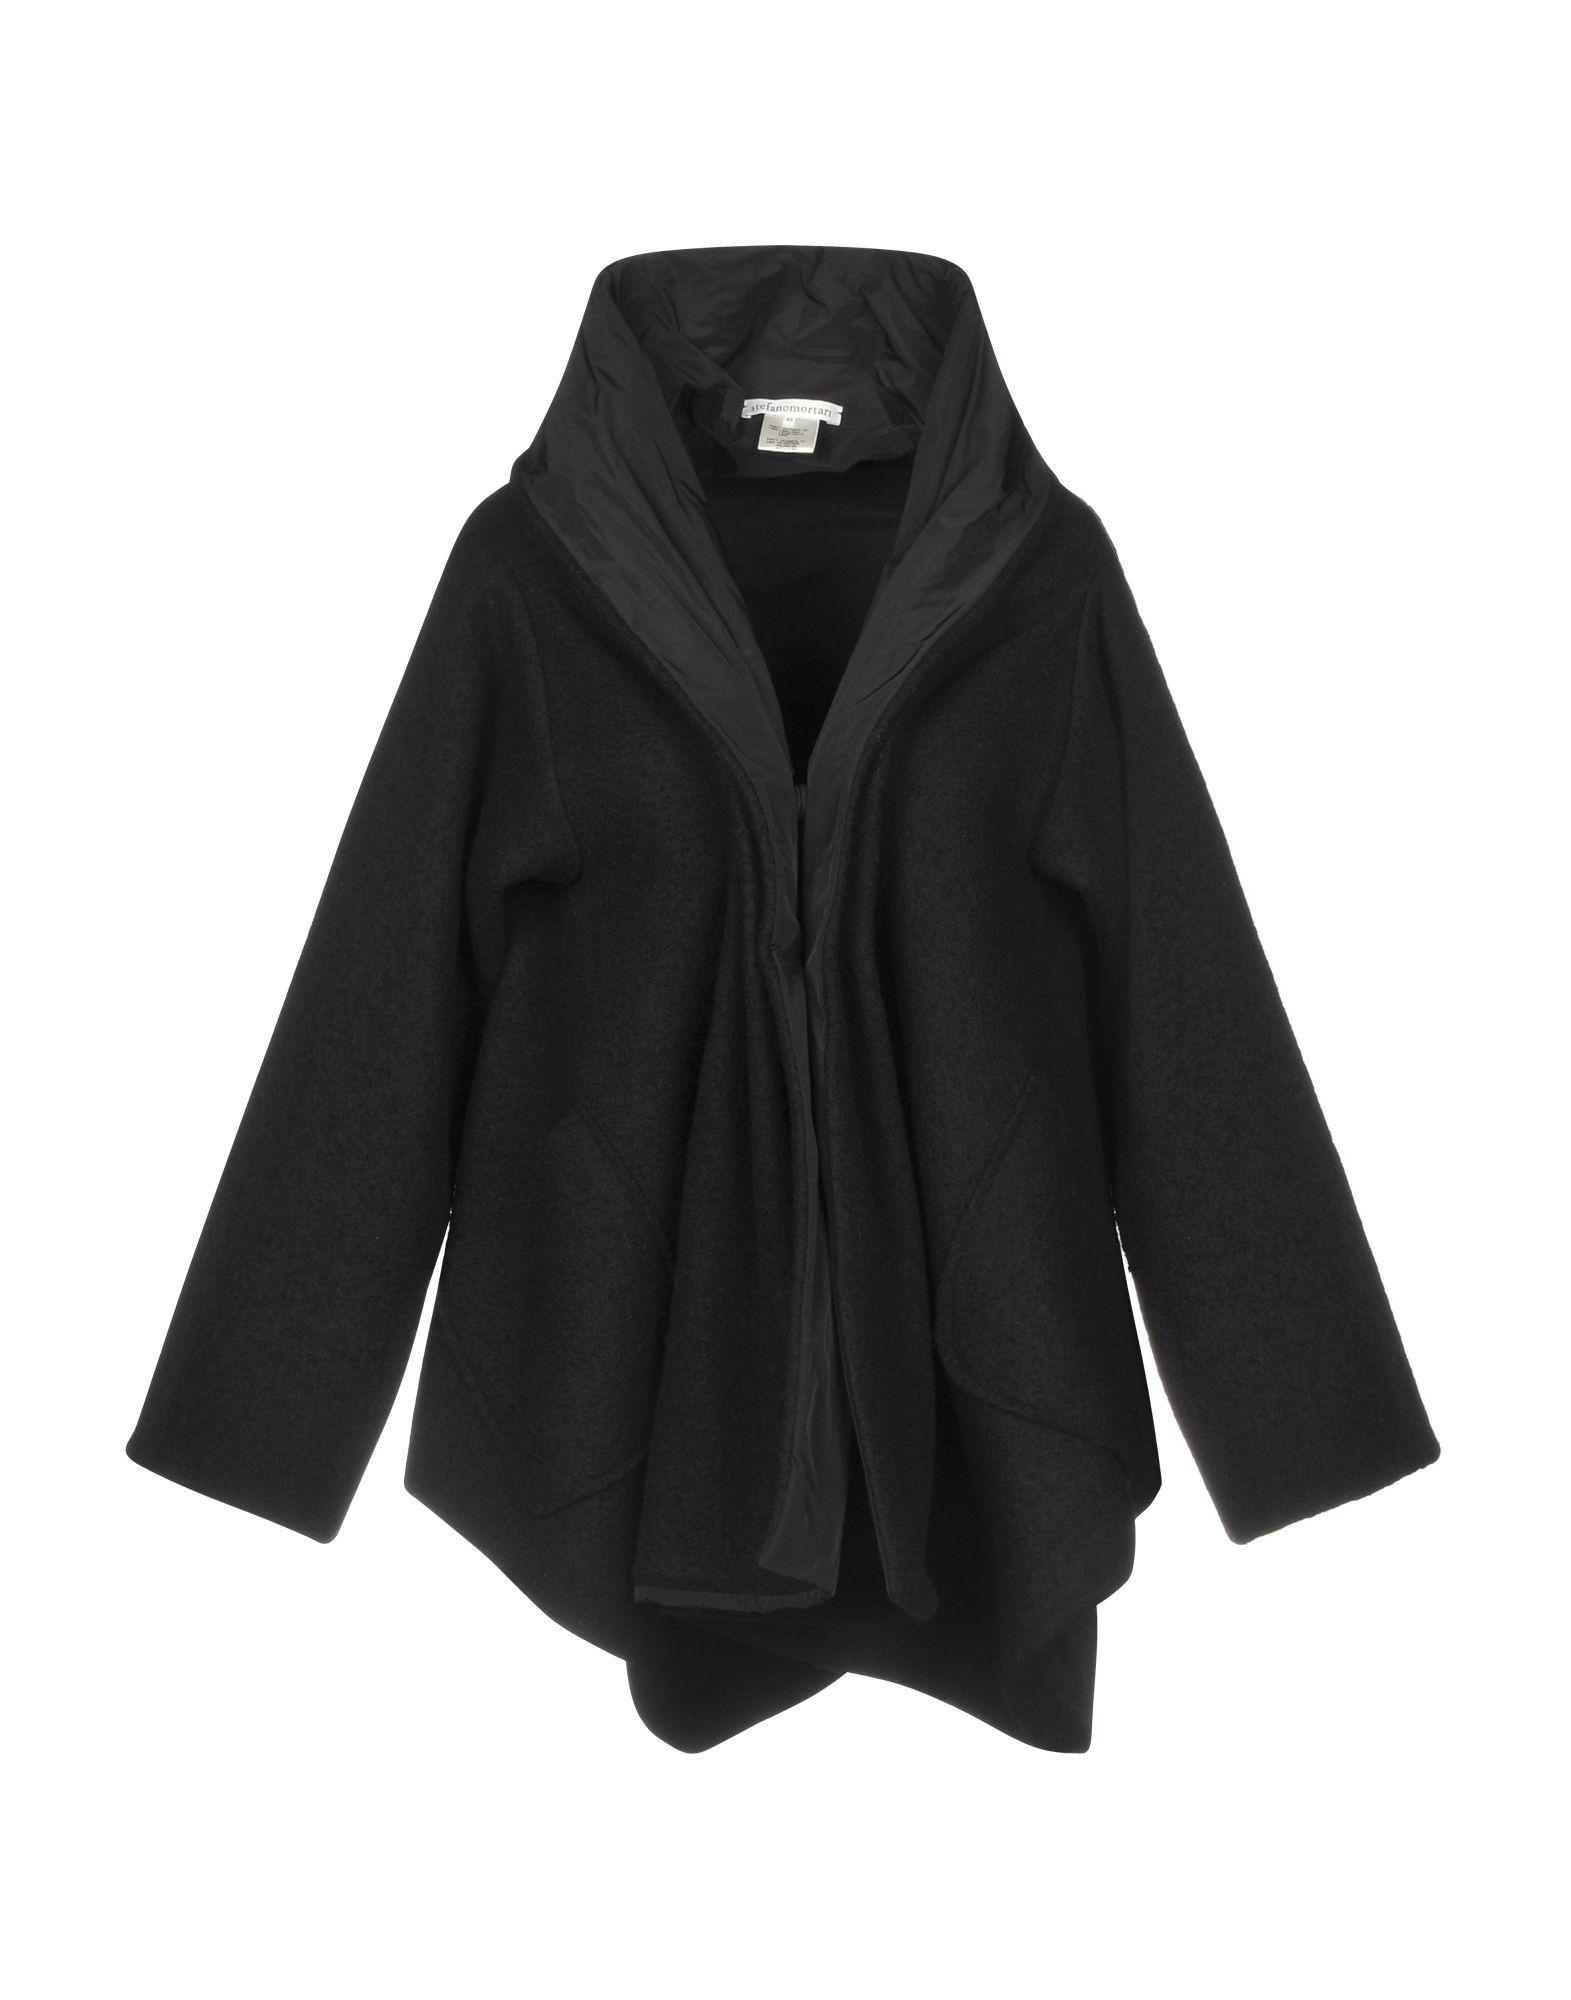 《送料無料》STEFANO MORTARI レディース コート ブラック 42 ウール 100% / ポリエステル